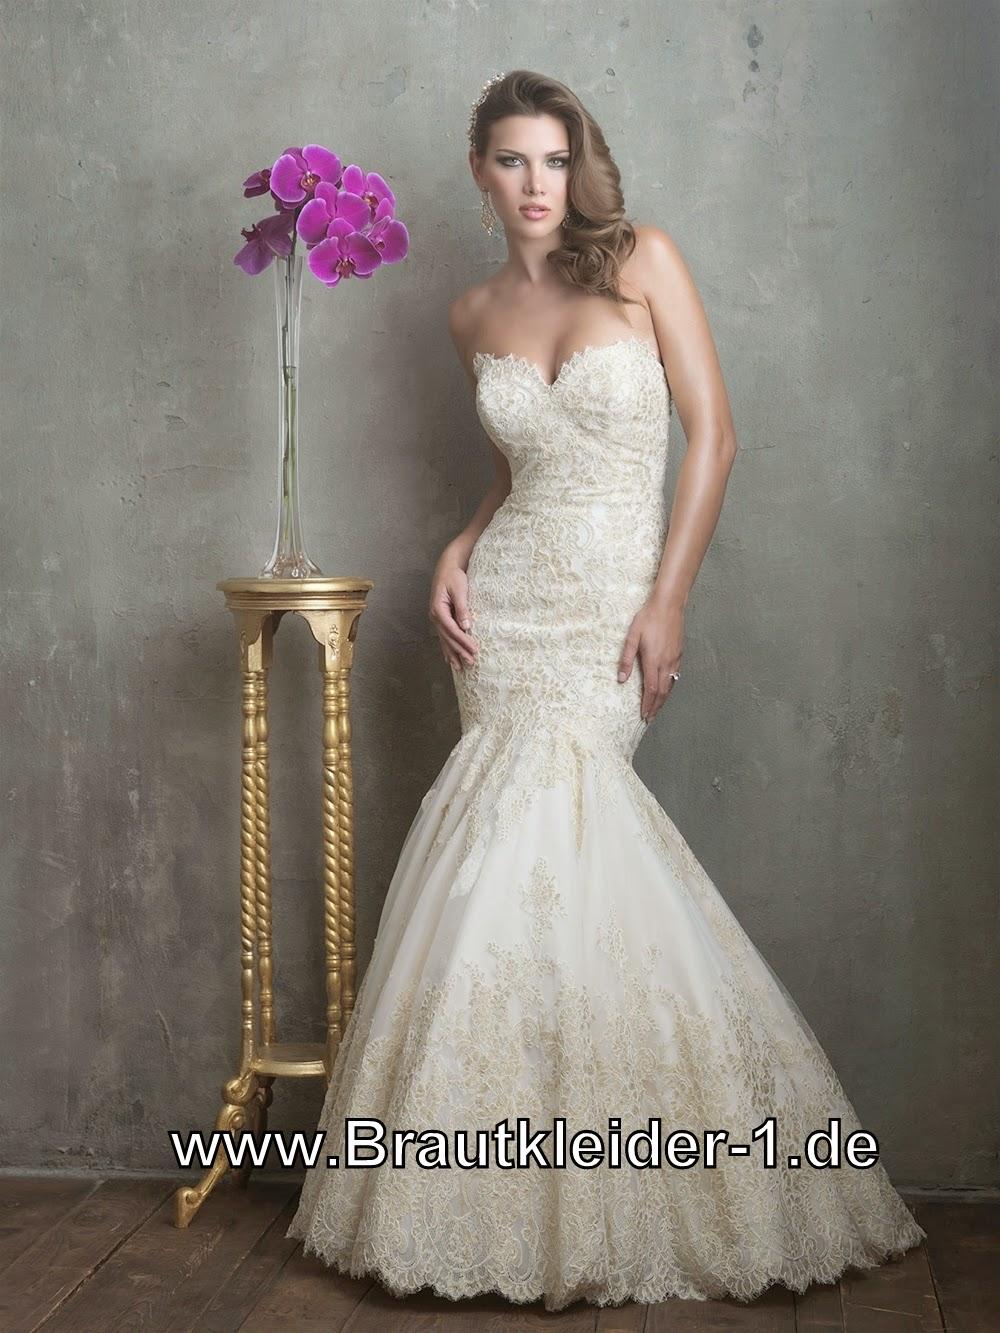 Brautkleider Brautmode: május 17